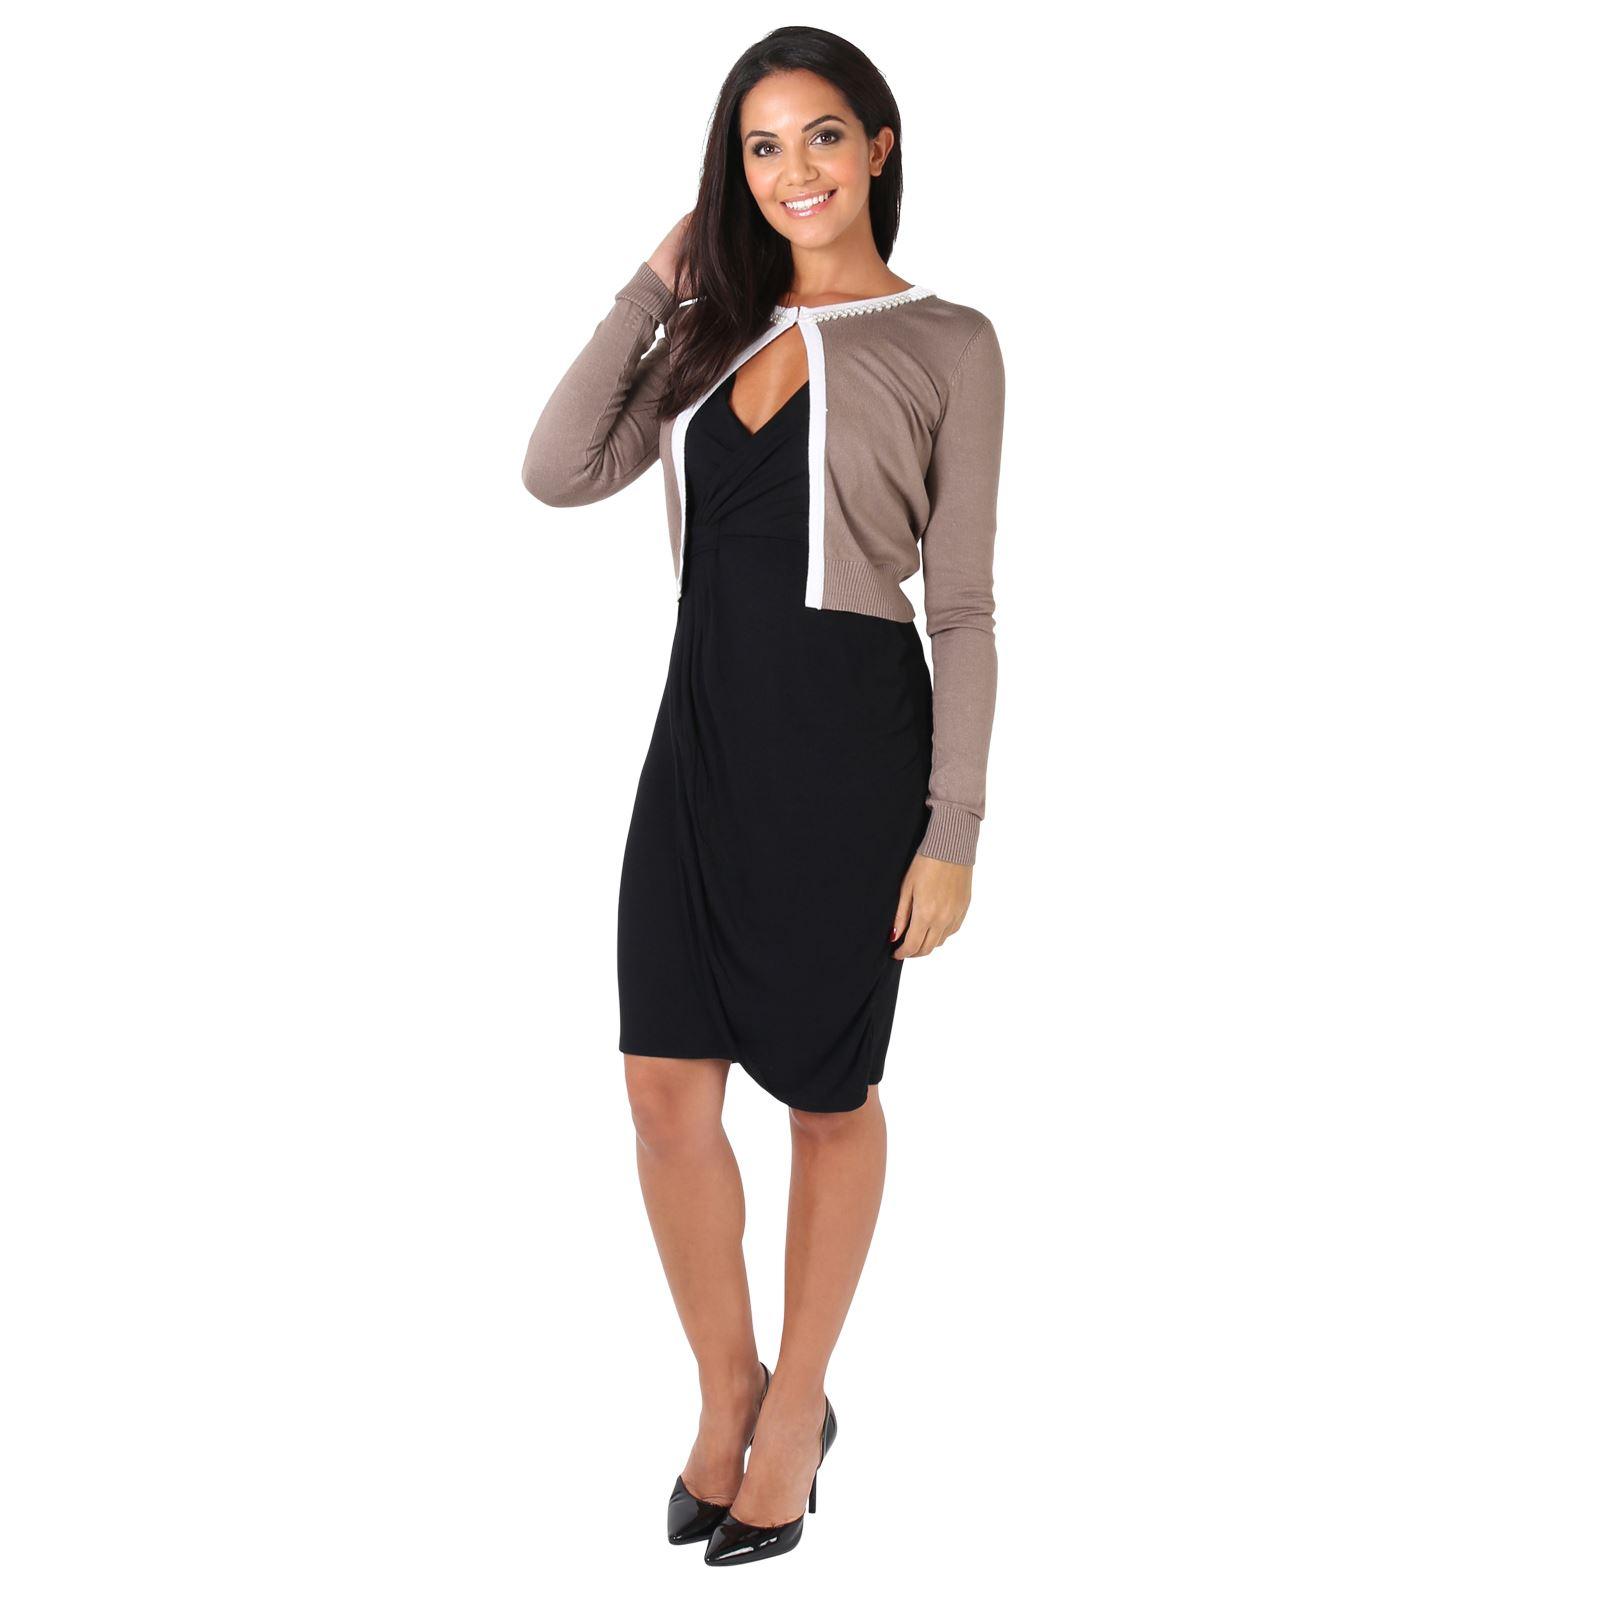 Donna-Cardigan-Maglia-Bolero-Coprispalle-Seta-Perle-Manica-collo-lungo-Lavoro miniatura 11